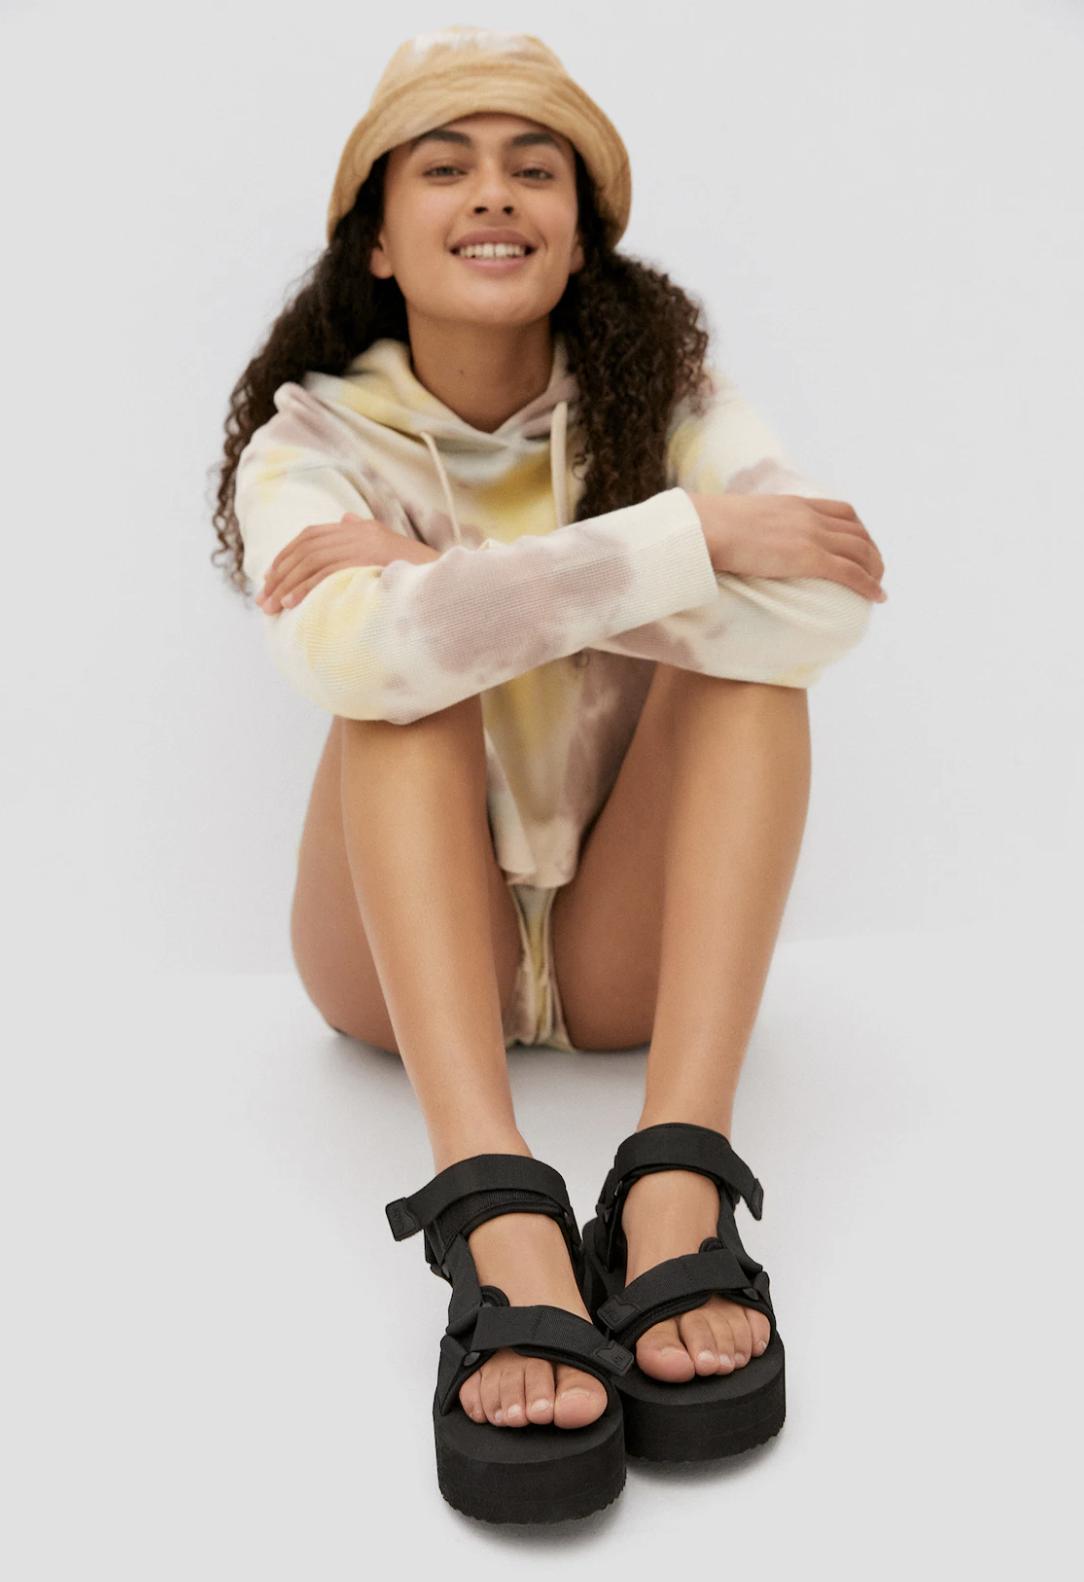 Tậu sandal đế độn hot trend thôi các nàng, vừa hack dáng cao ráo vừa cool bá cháy - Ảnh 8.